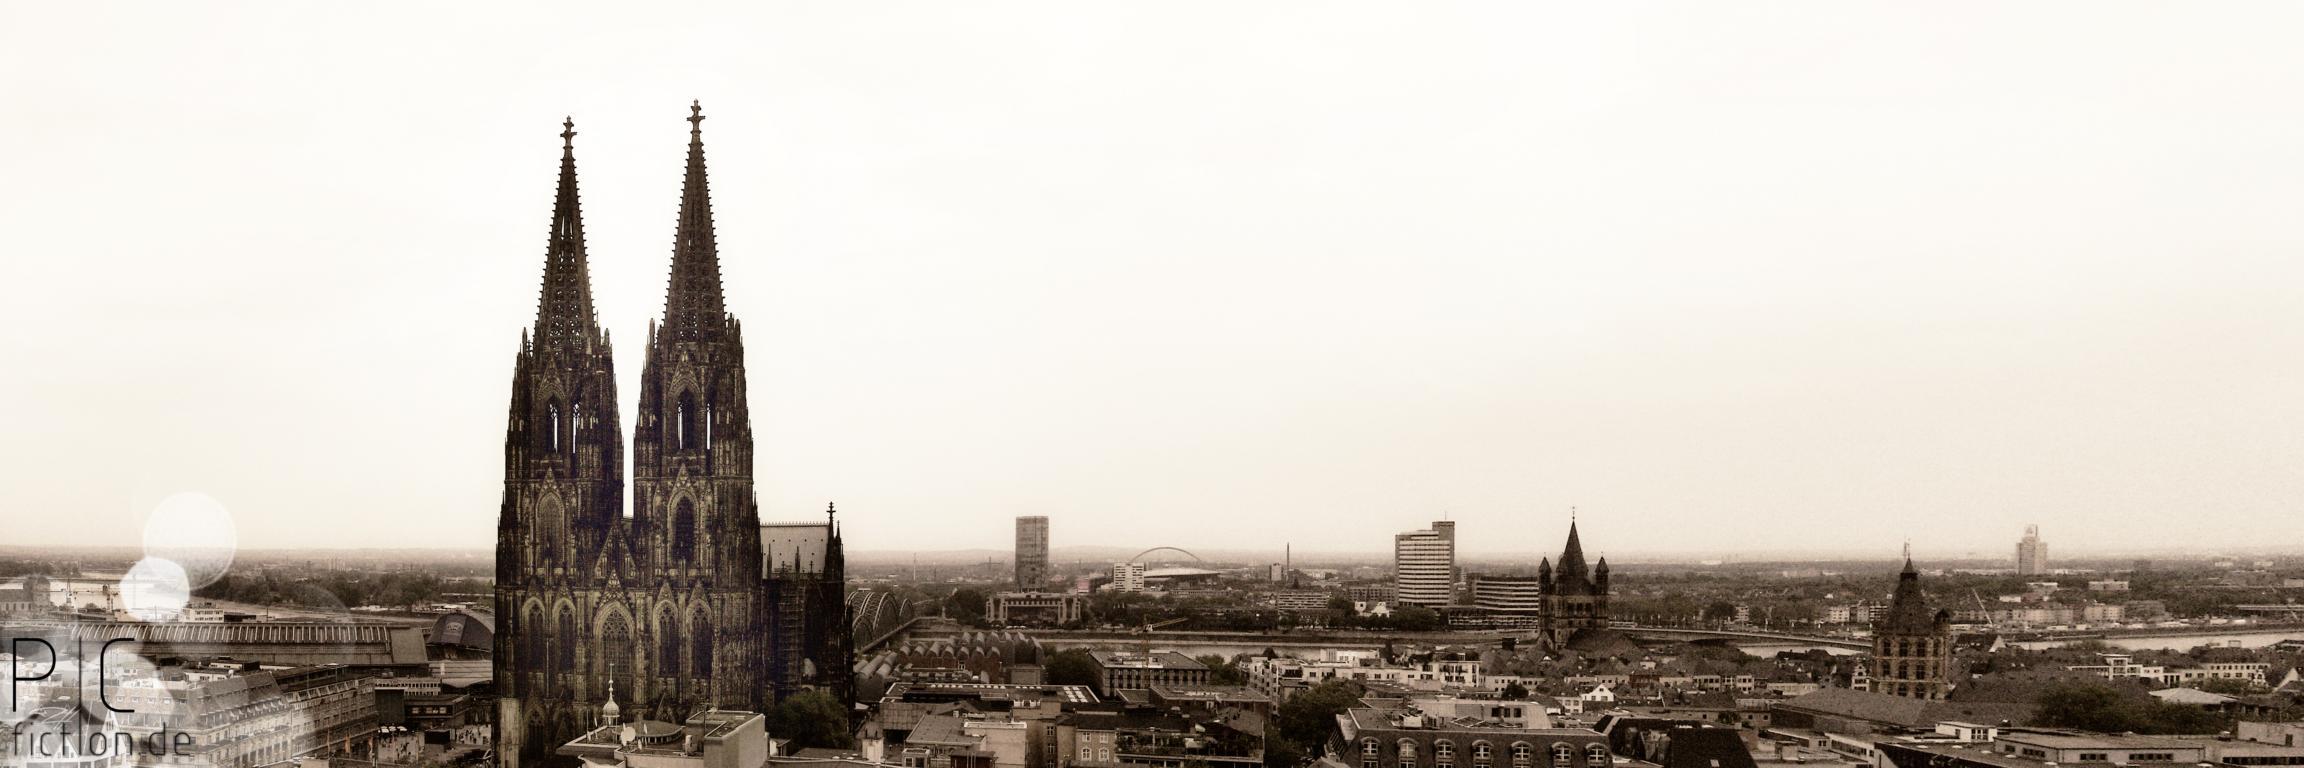 Panoramas_Urban